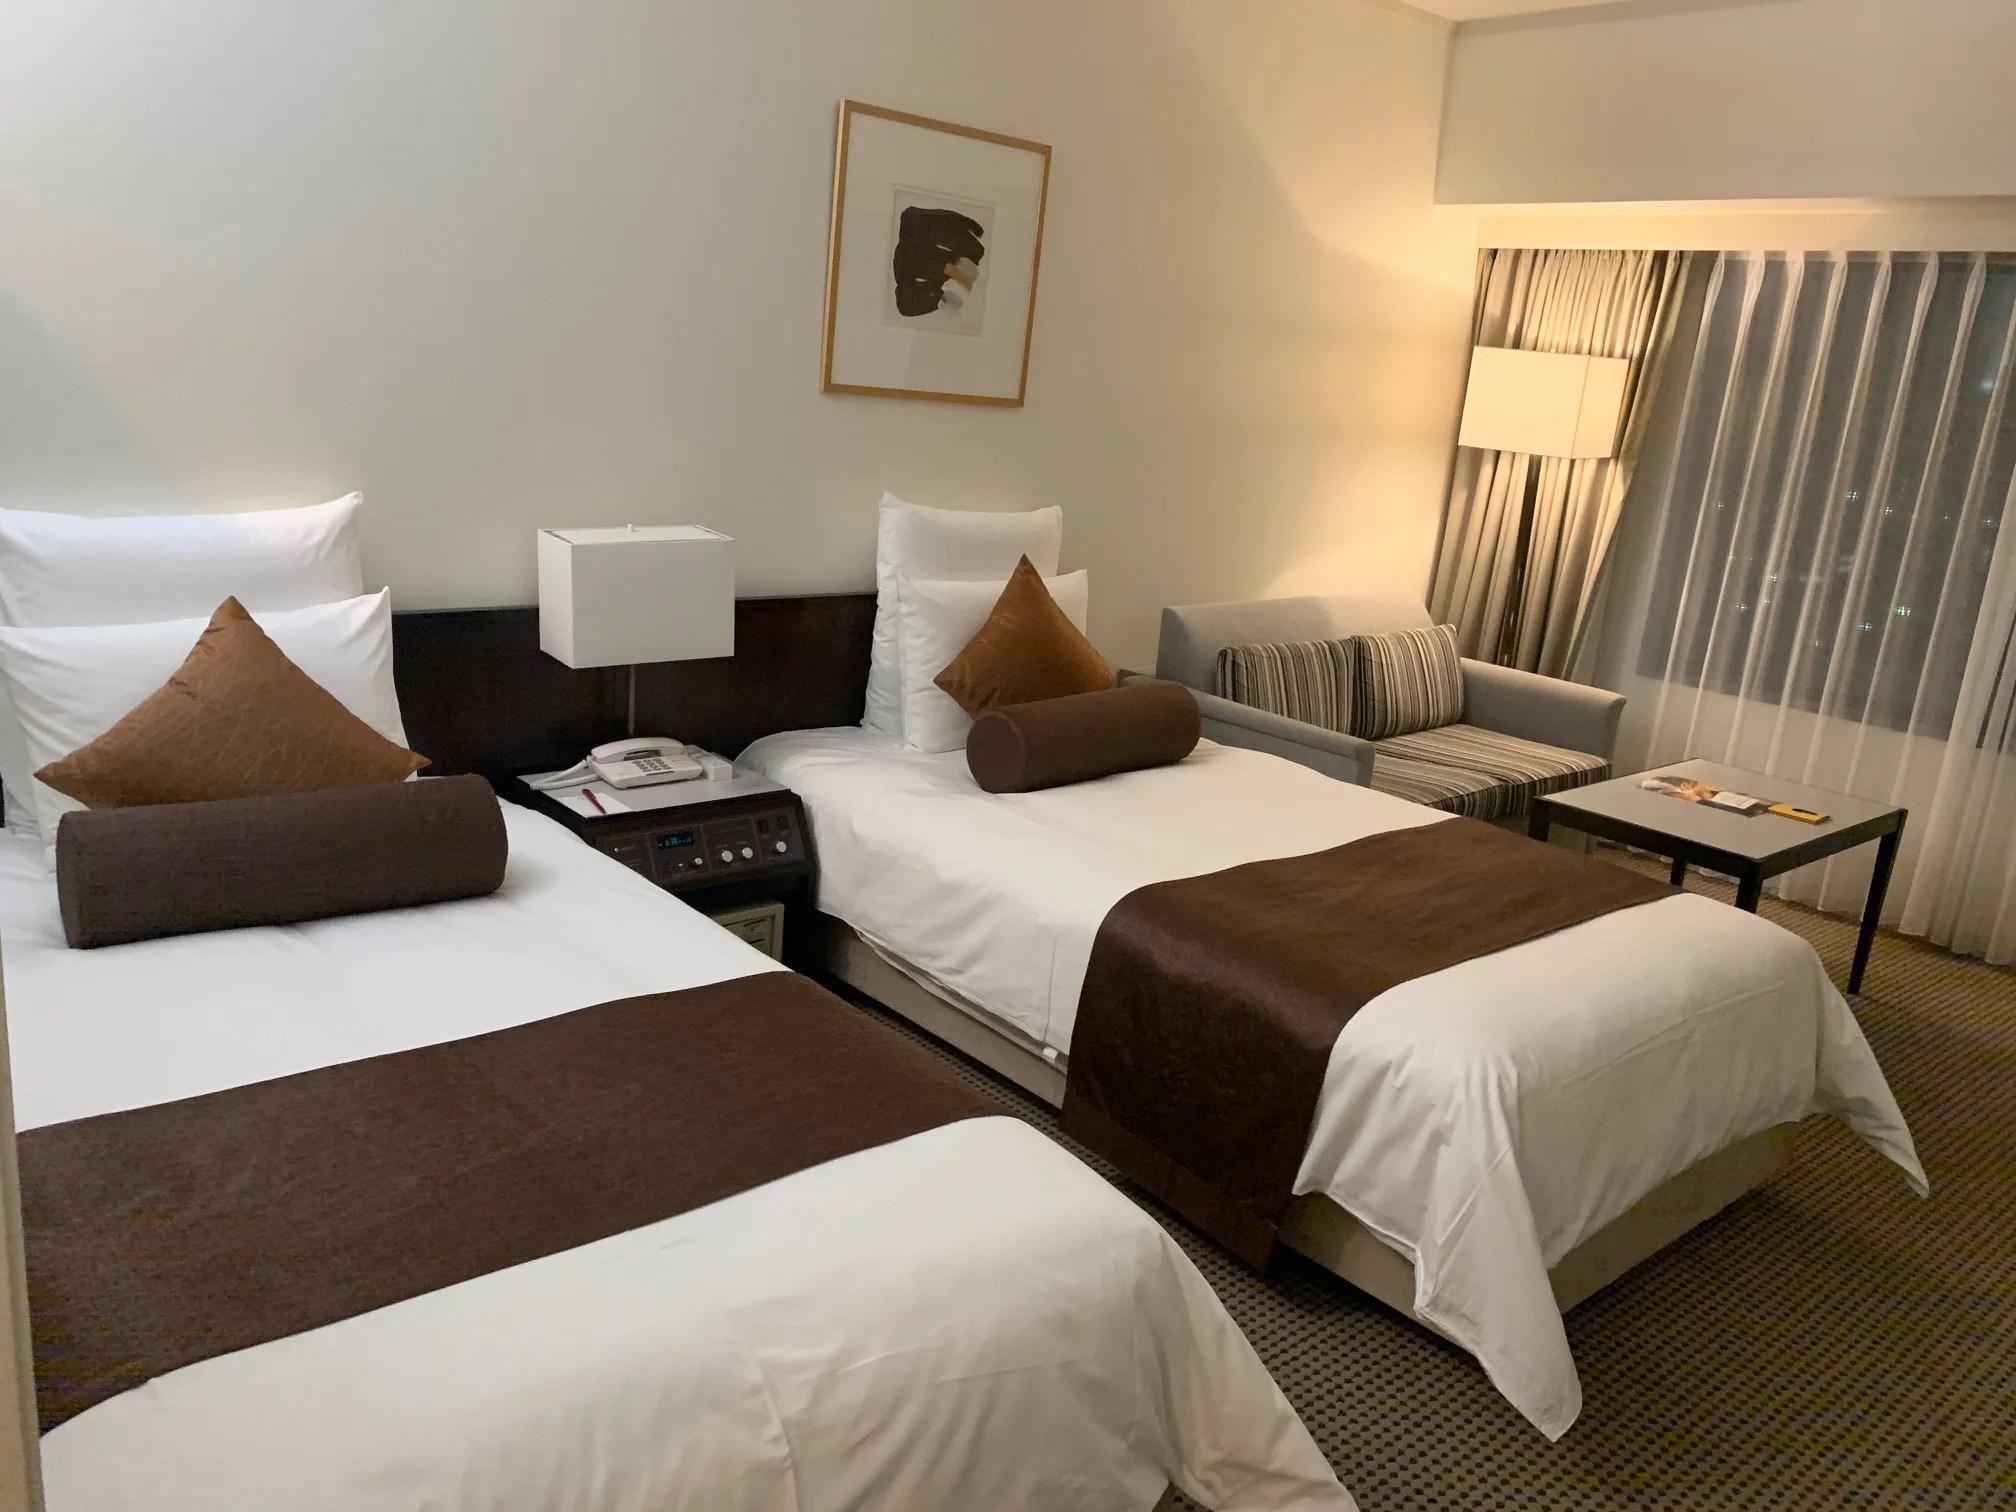 ANAクラウンプラザホテル神戸デラックスツイン宿泊記